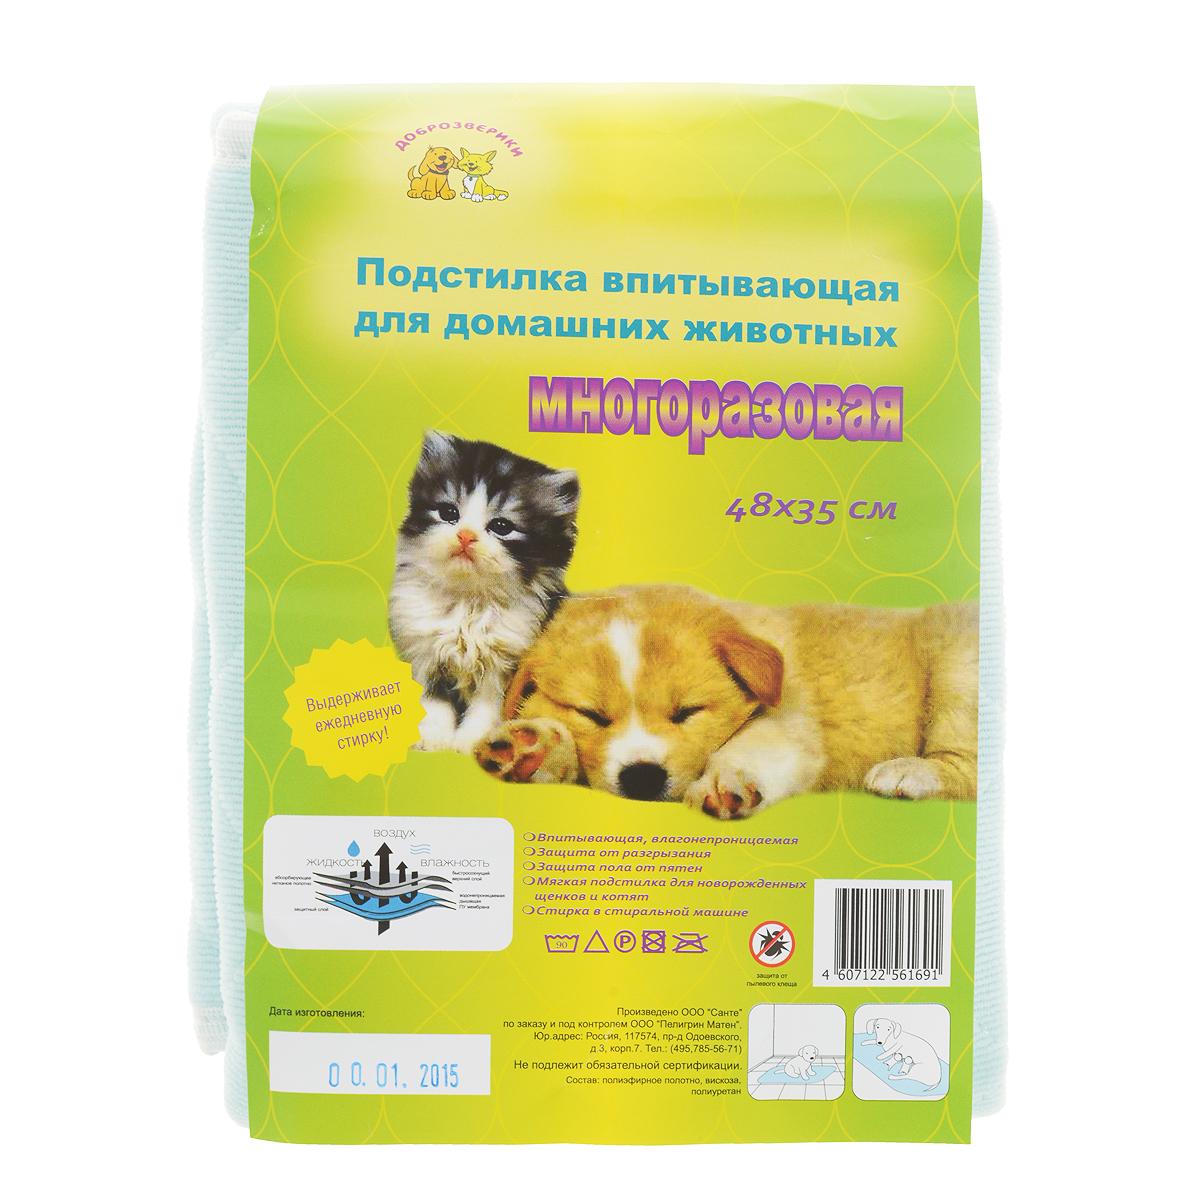 Подстилка многоразовая Доброзверики для домашних животных, впитывающая, 48 см х 35 см25671Подстилка для домашних животных Доброзверики незаменима в поездке, при переноске животных, на приеме у ветеринара, на выставке, дома, для приучения к туалету или когда питомец долго остается без хозяина. Идеально подходит для новорожденных щенков и котят. Подстилка имеет 4 слоя: защитный слой, водонепроницаемая ПУ мембрана, абсорбирующее нетканое полотно, быстросохнущий верхний слой. Она прекрасно впитывает, влагонепроницаемая, защищает пол от пятен. Имеет защиту от разгрызания и от пылевого клеща. Подходит для стиральной машины. Состав: полиэфирное полотно, вискоза, полиуретан.